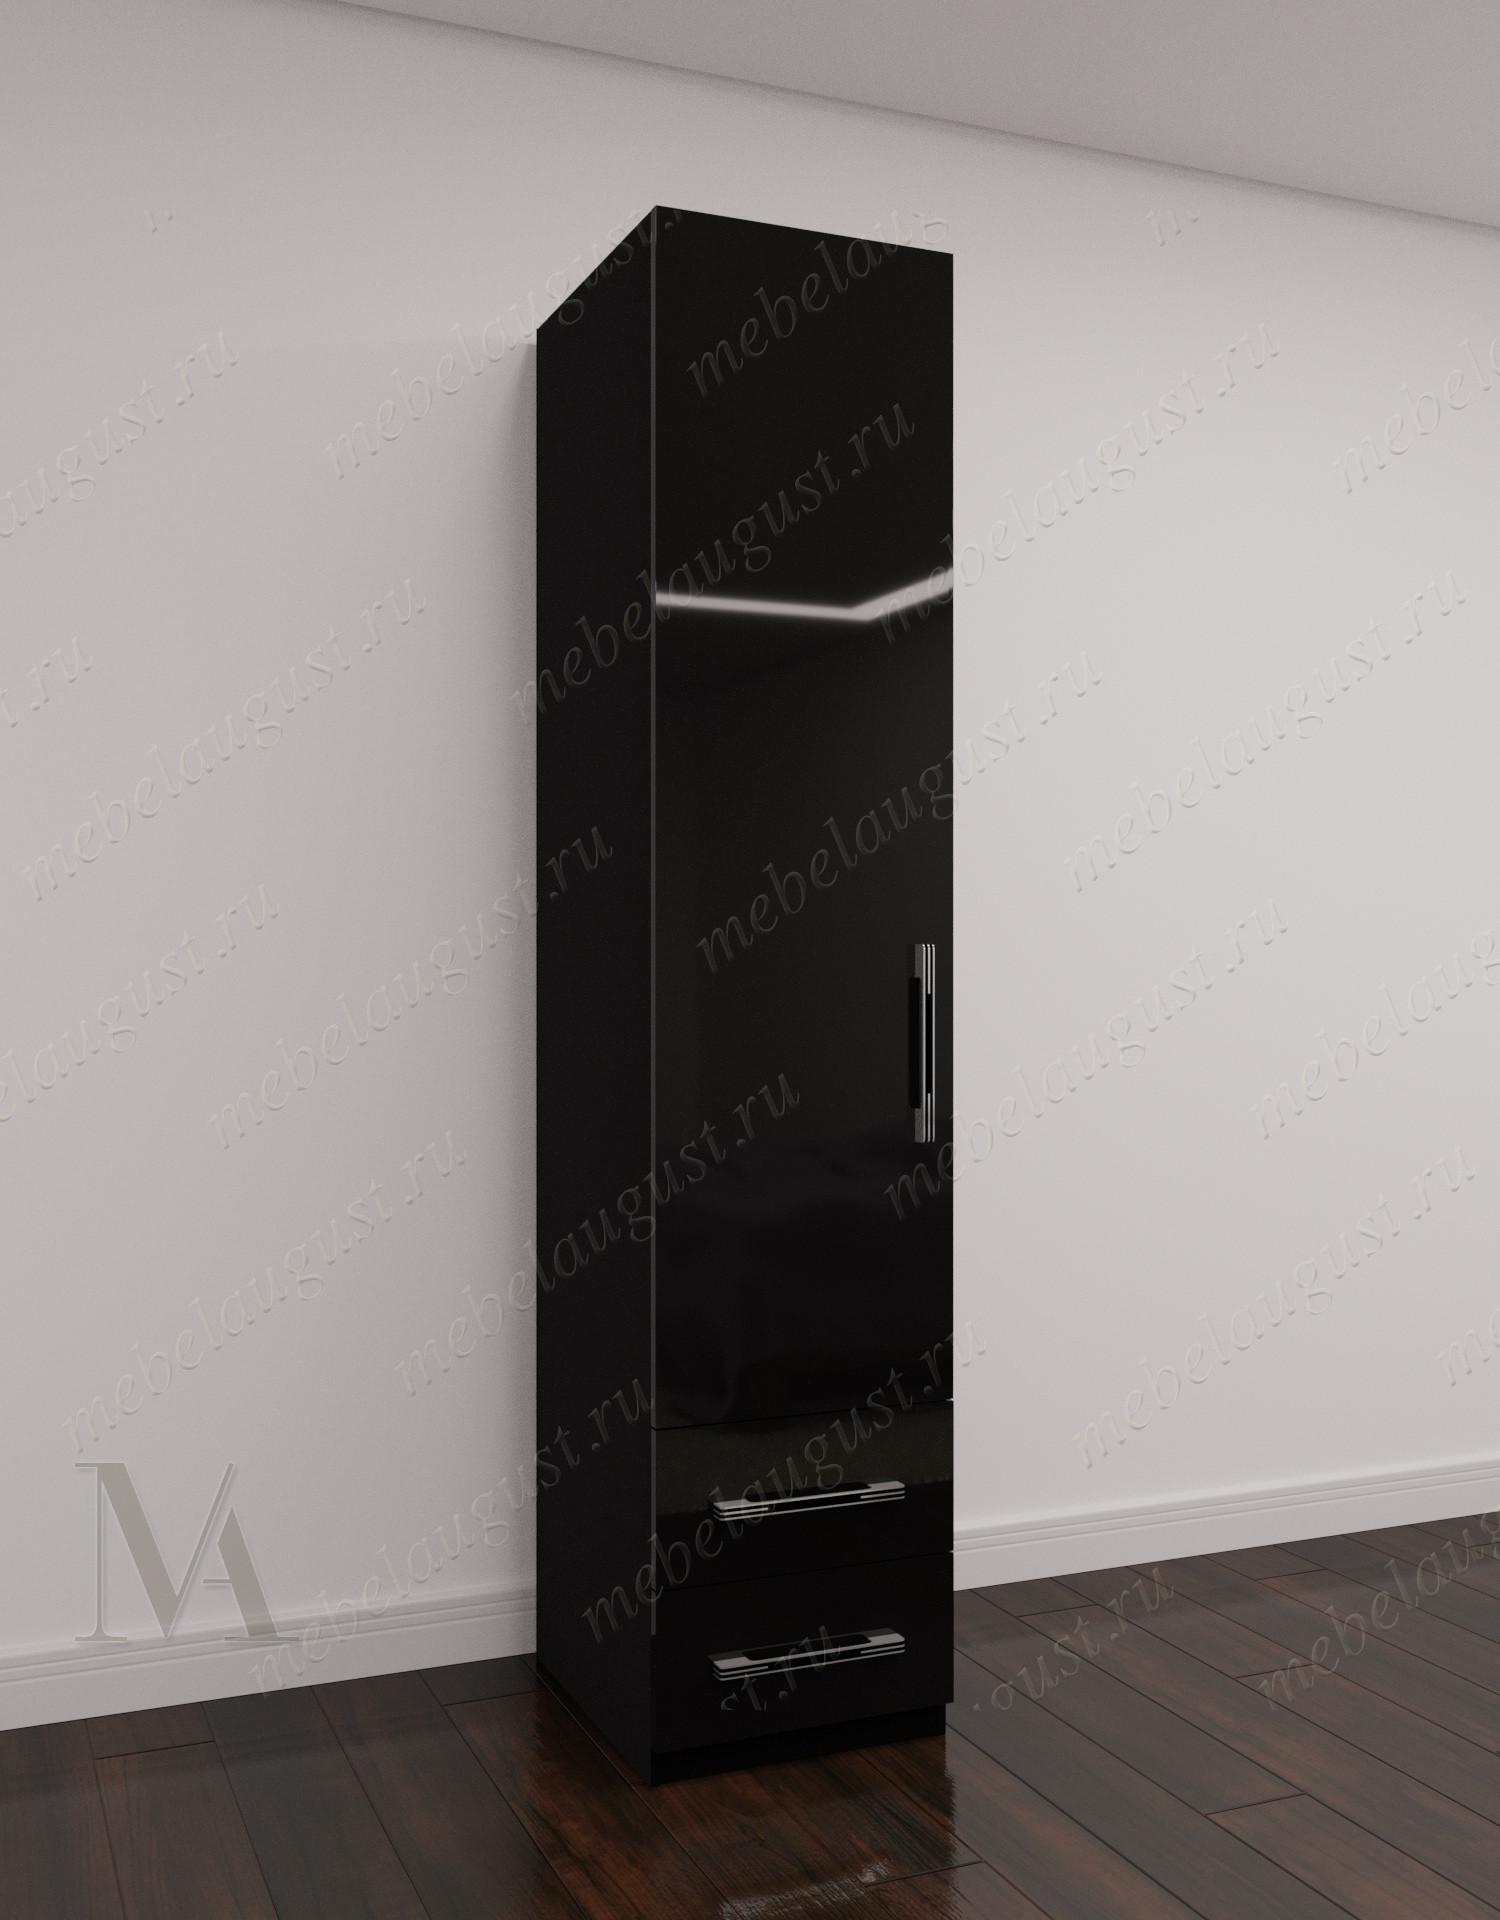 Однодверный распашной шкаф для одежды в коридор с ящиками цвета черный глянец